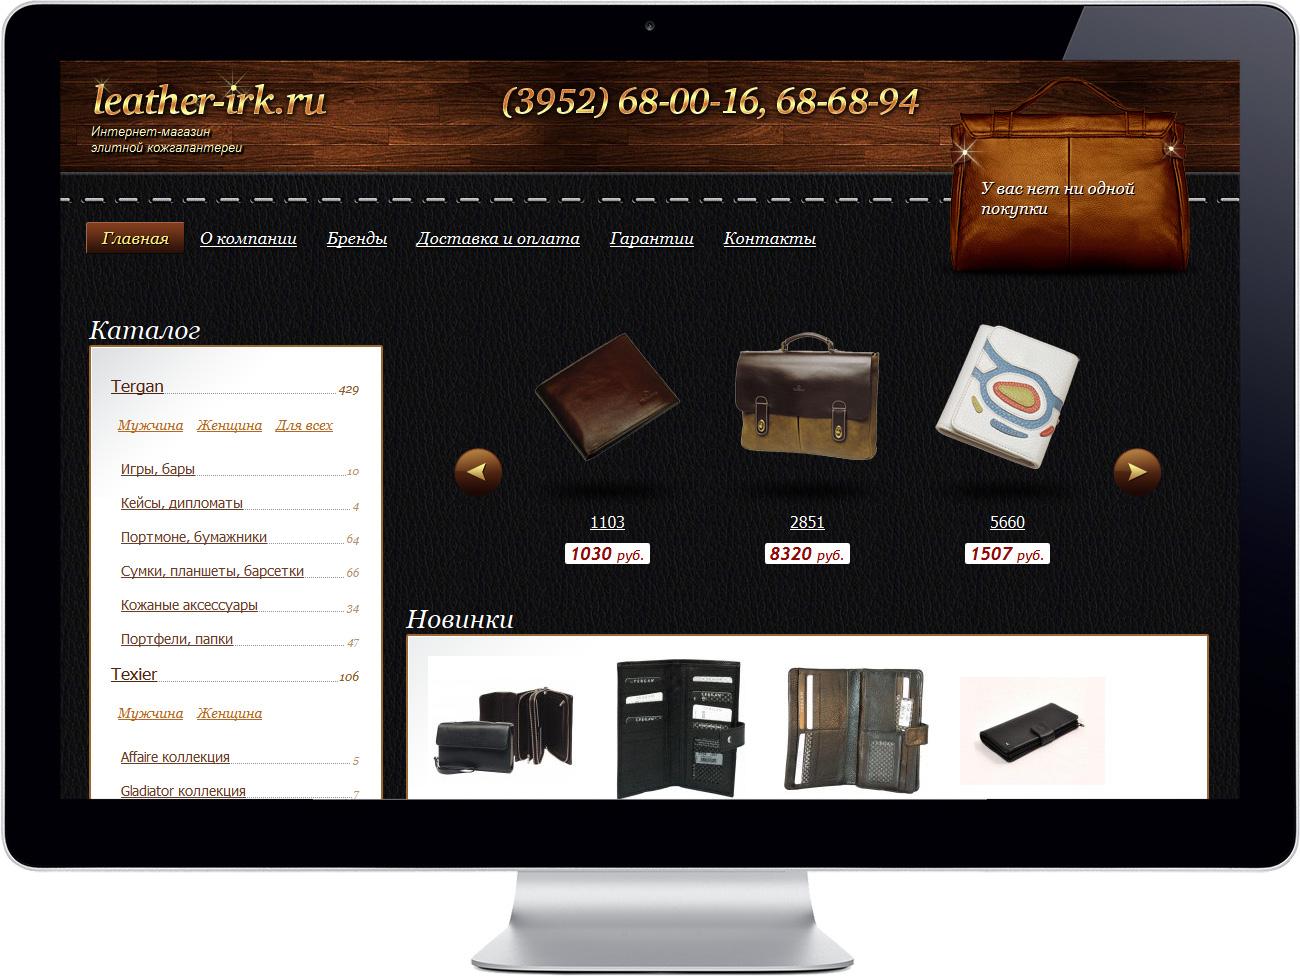 Разработка интернет-магазина элитной кожгалантереи Leather-irk